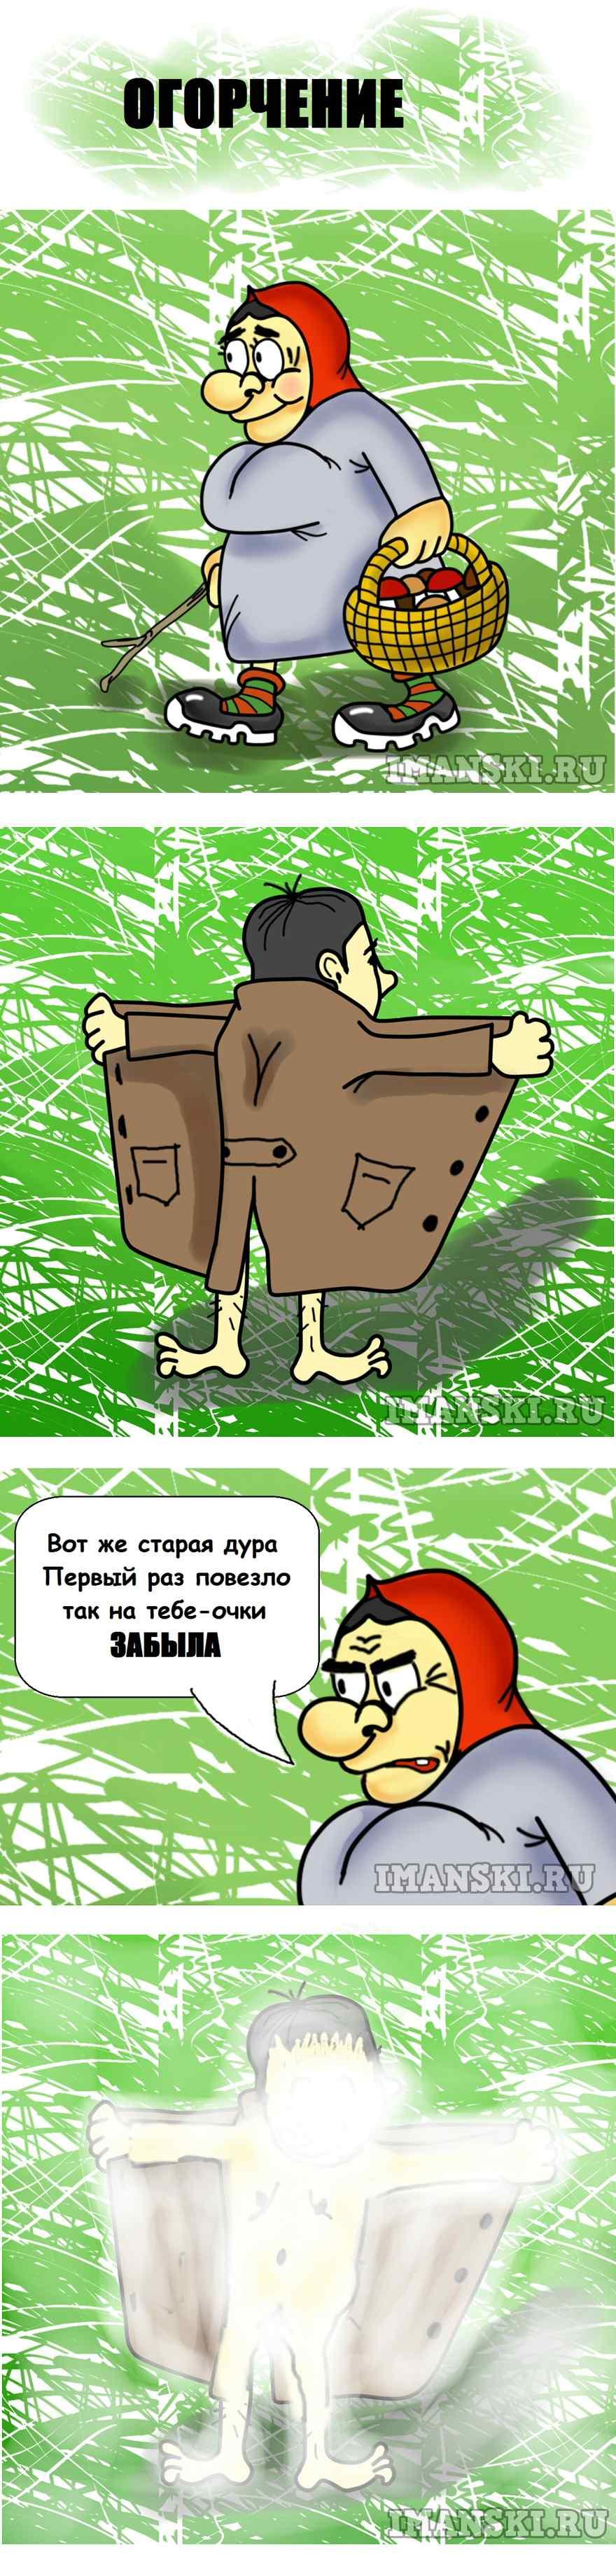 Огорчение.Смешной комикс. Автор Игорь Иманский.